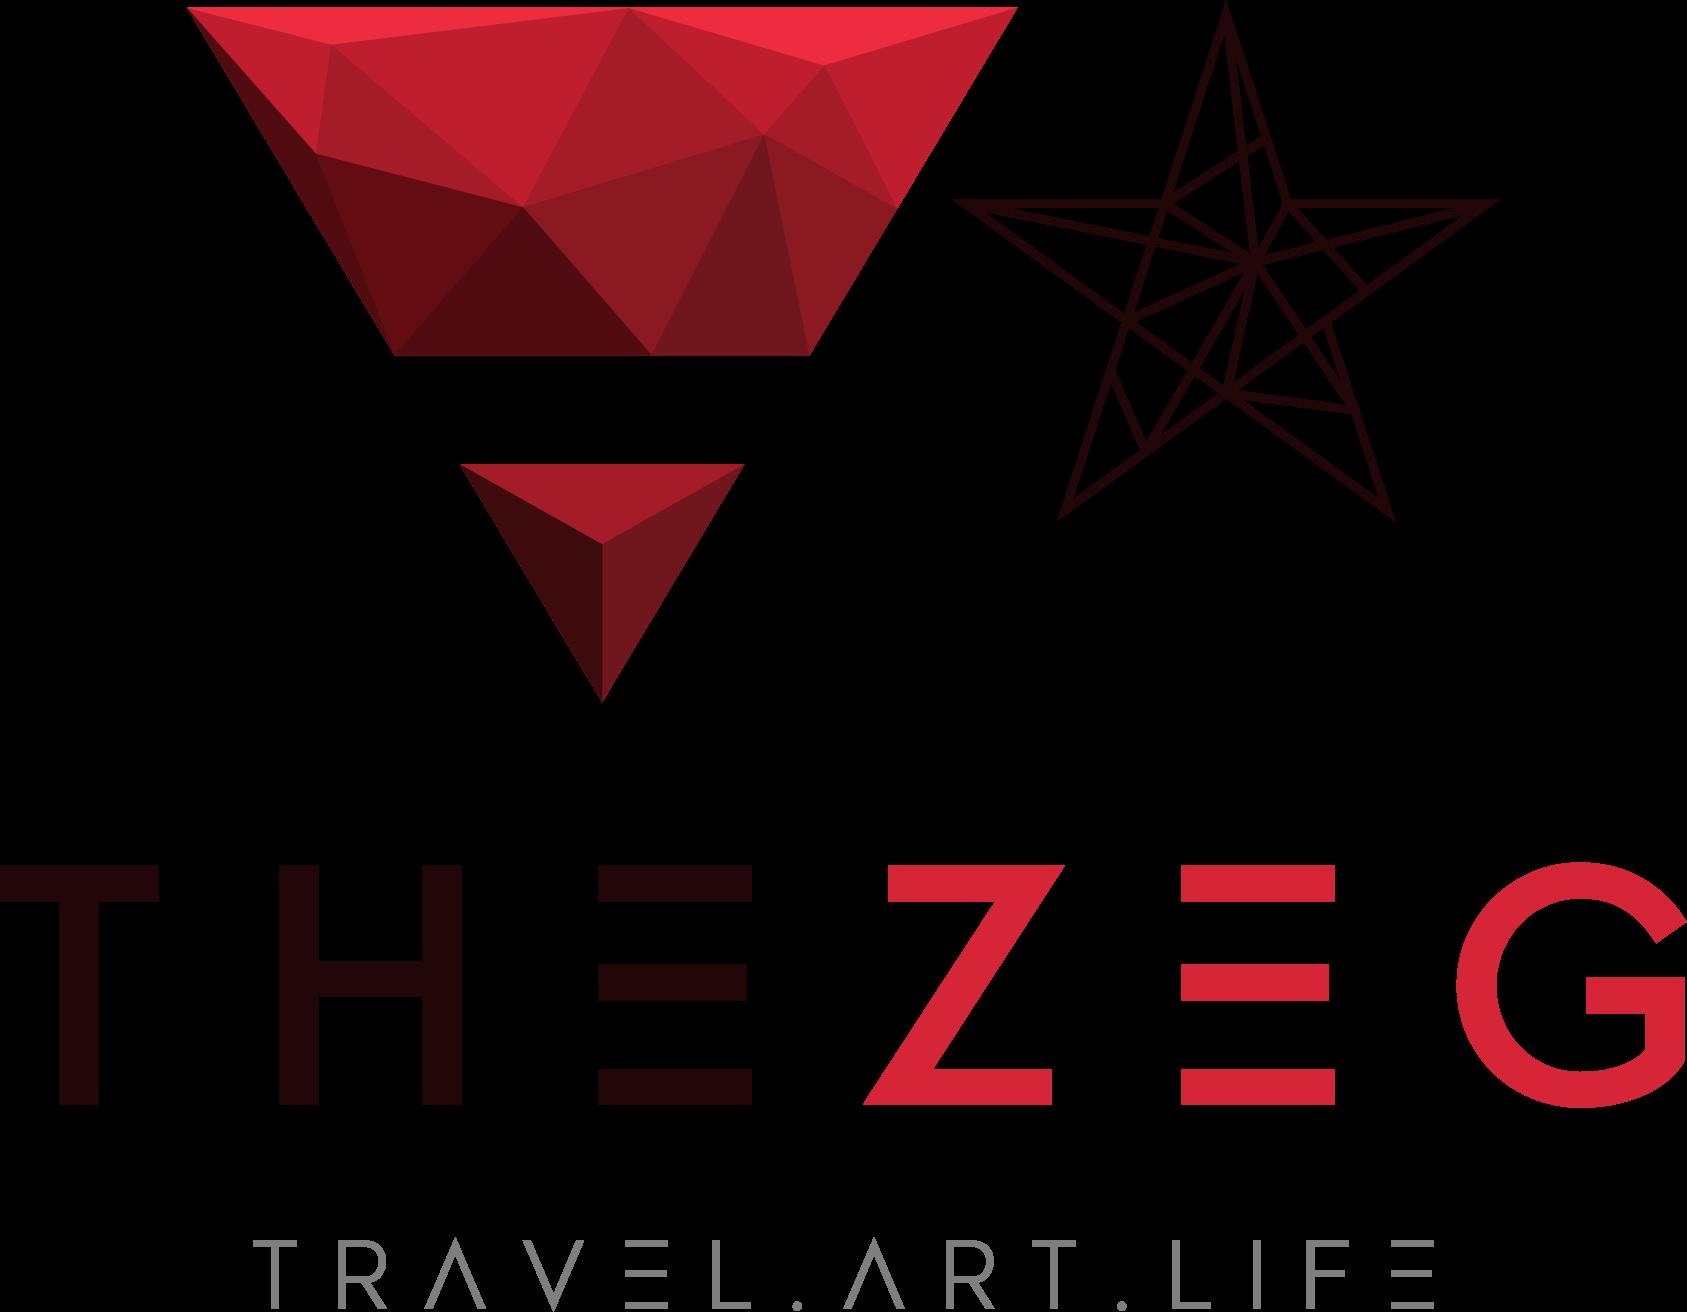 The Zeg